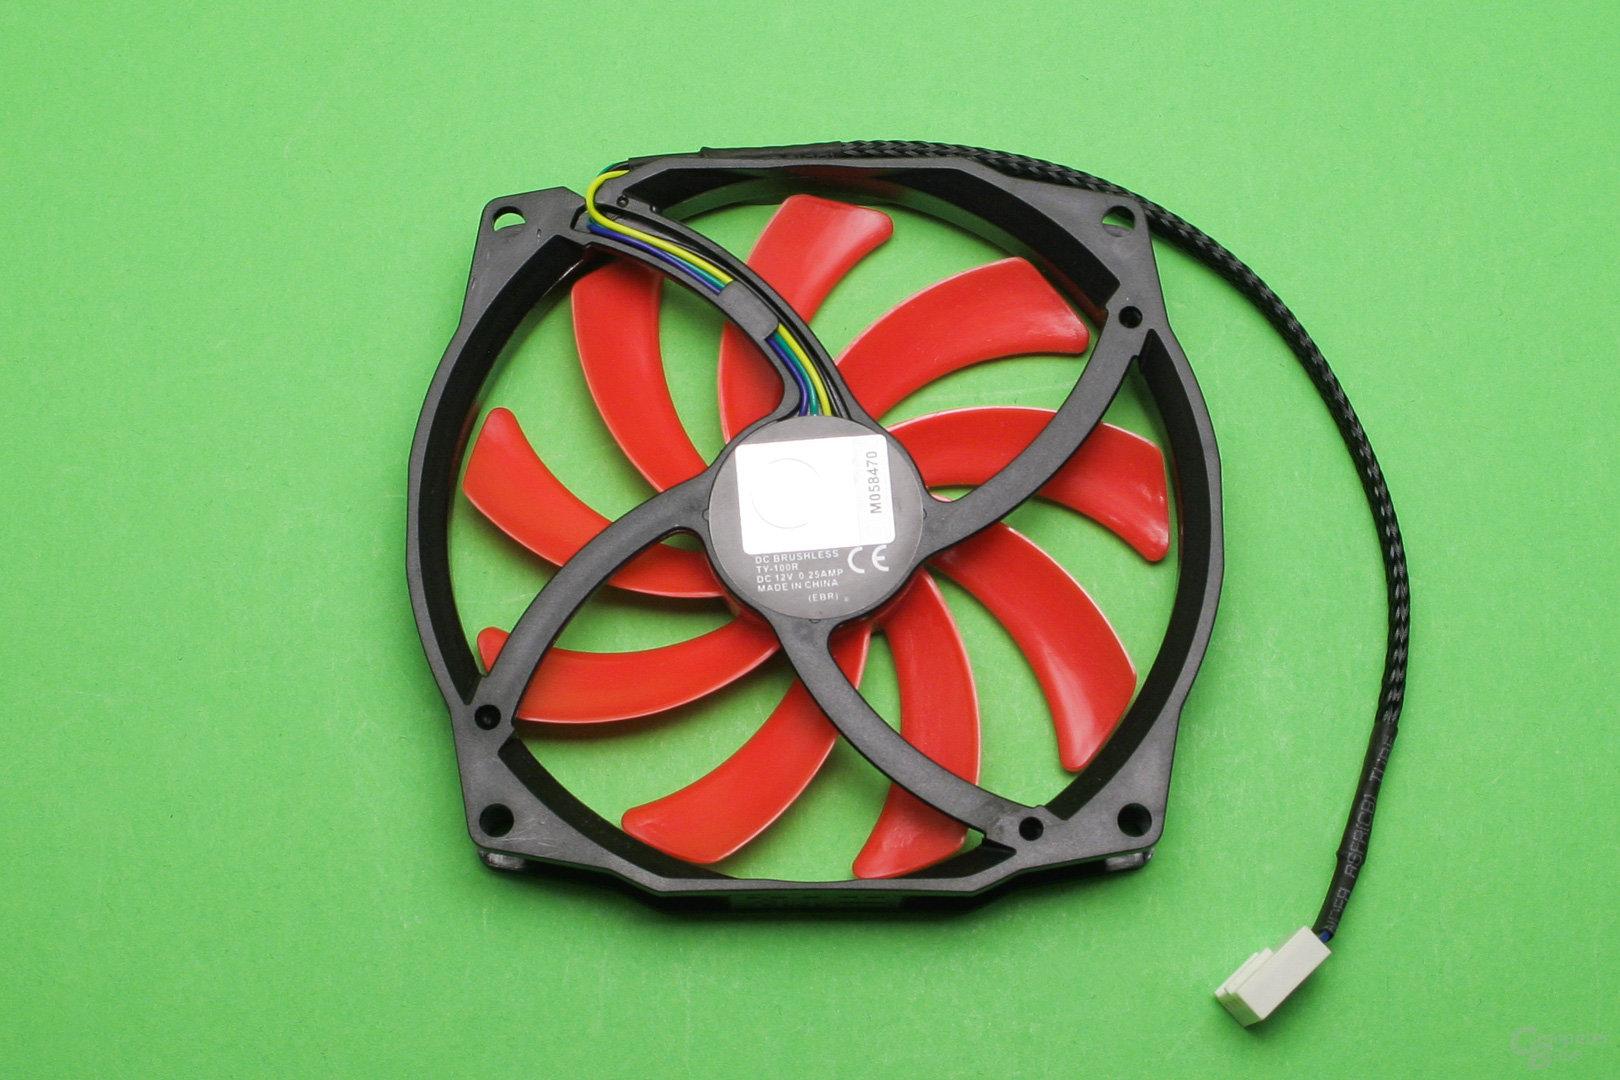 Thermalright AXP-100RH: Kleiner 100mm-Lüfter mit nur 1,4 cm Bautiefe